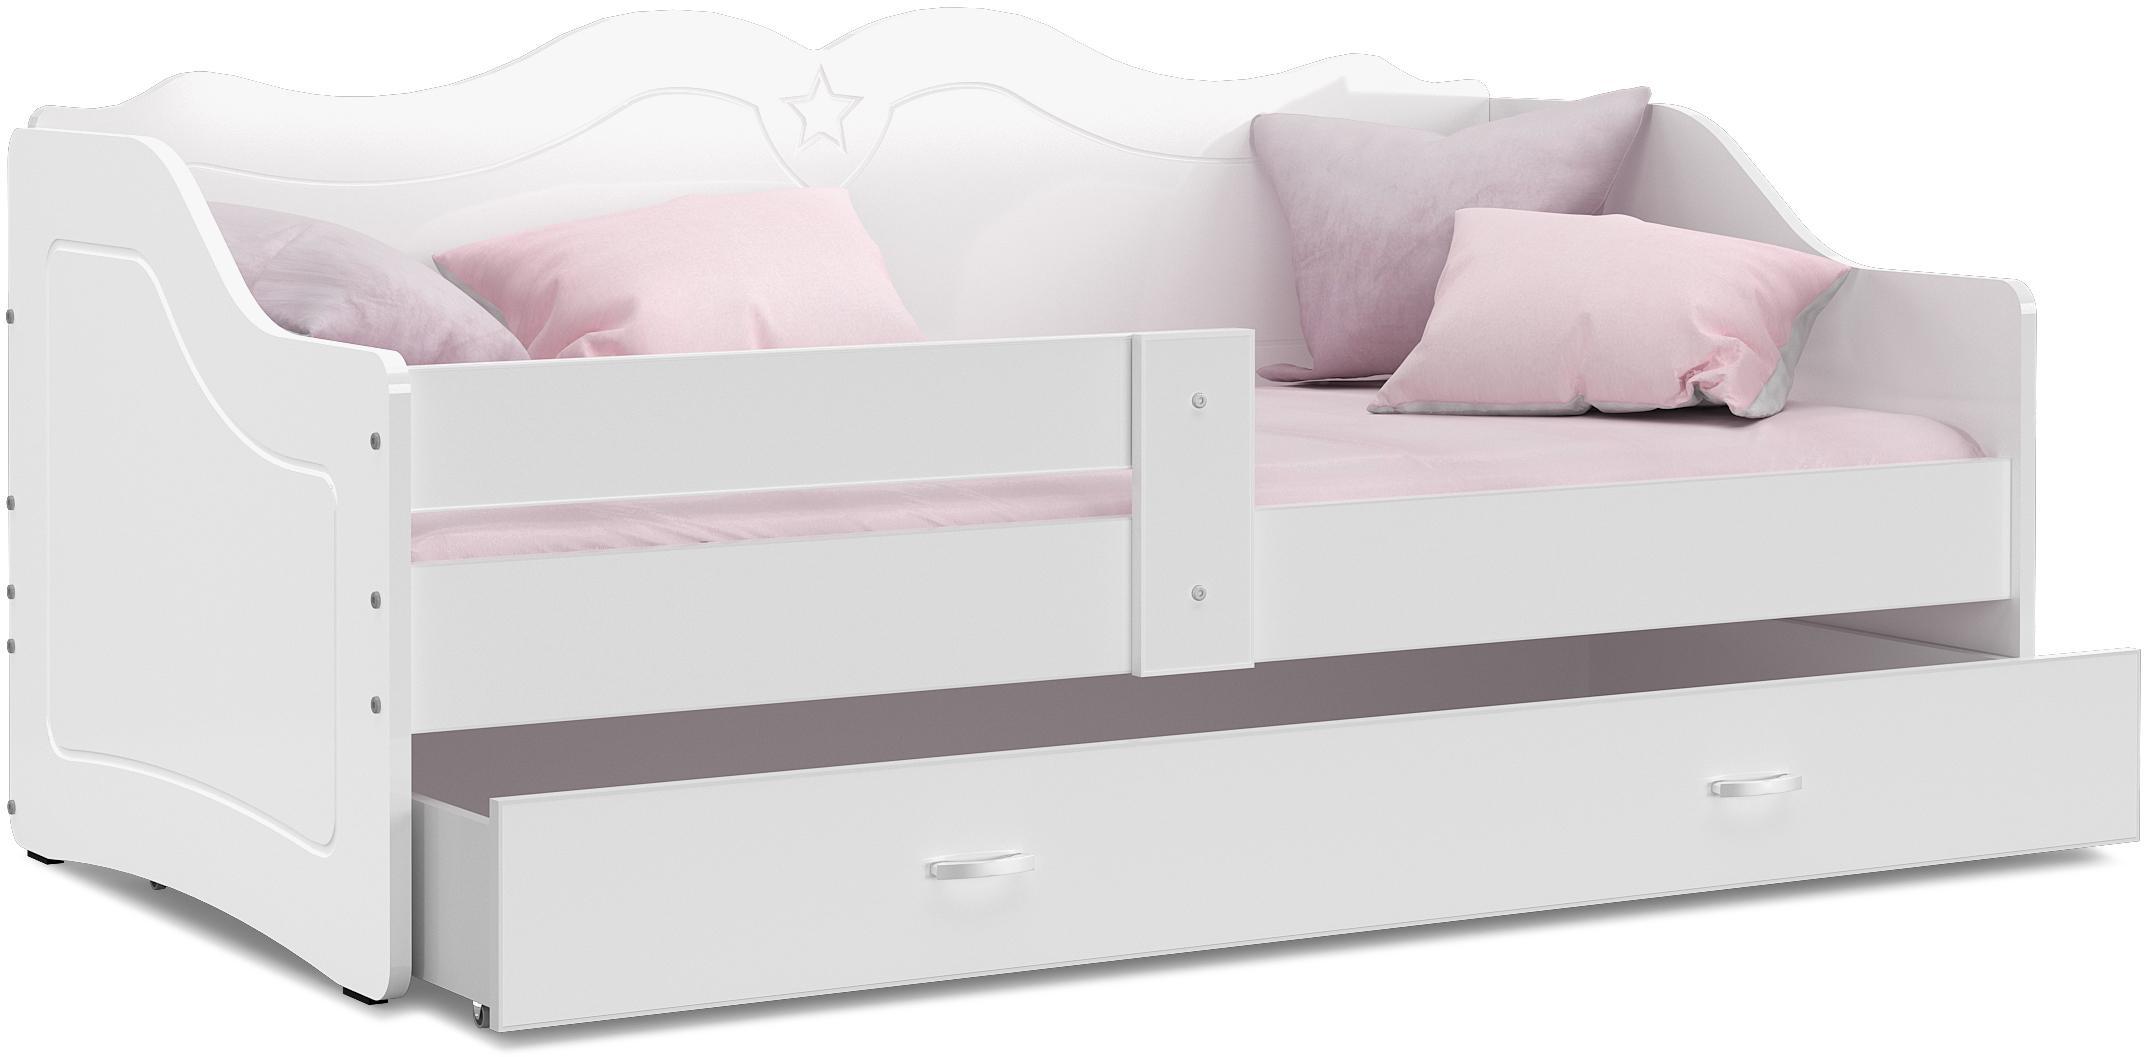 GL Detská posteľ Lalila 2 Rozmer: 180x80